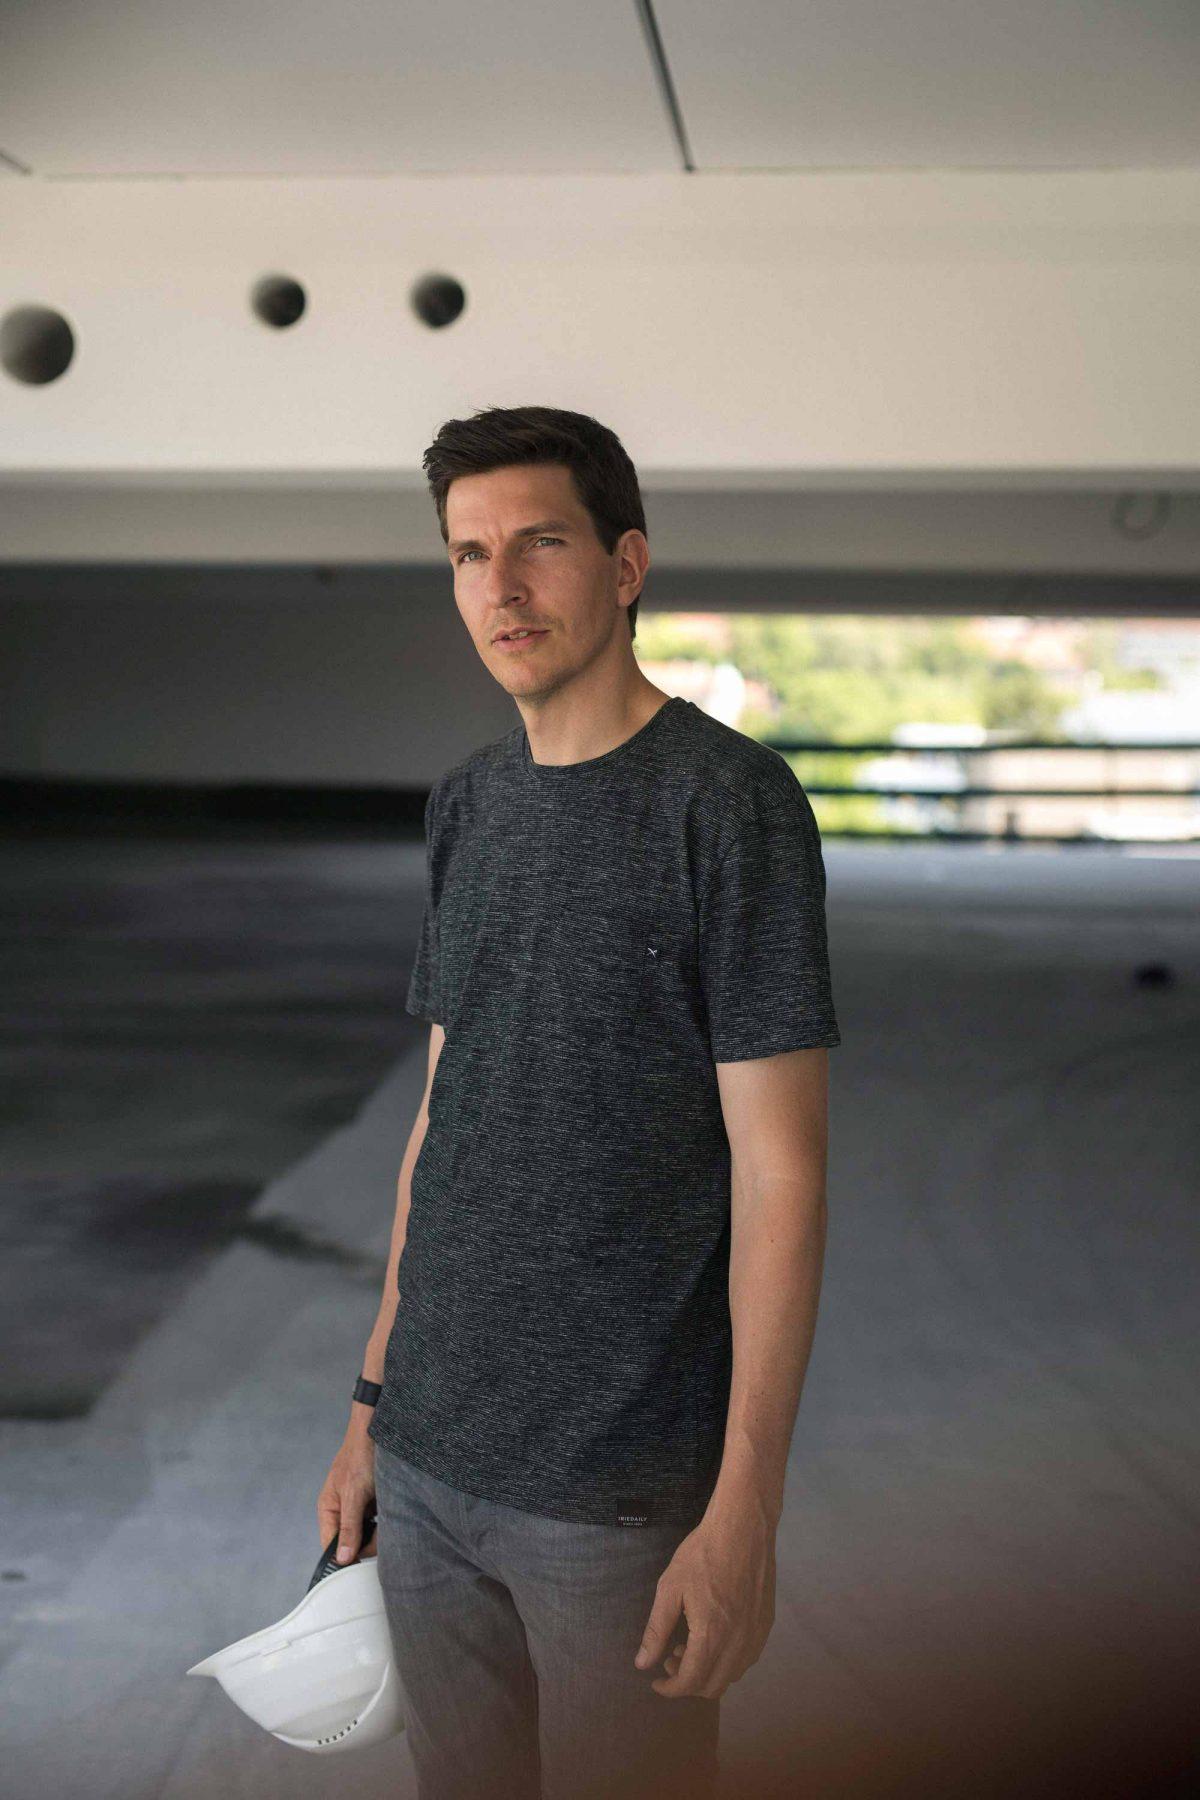 Markus vom Team der Bermüller+Niemeyer Architekturwerkstatt.